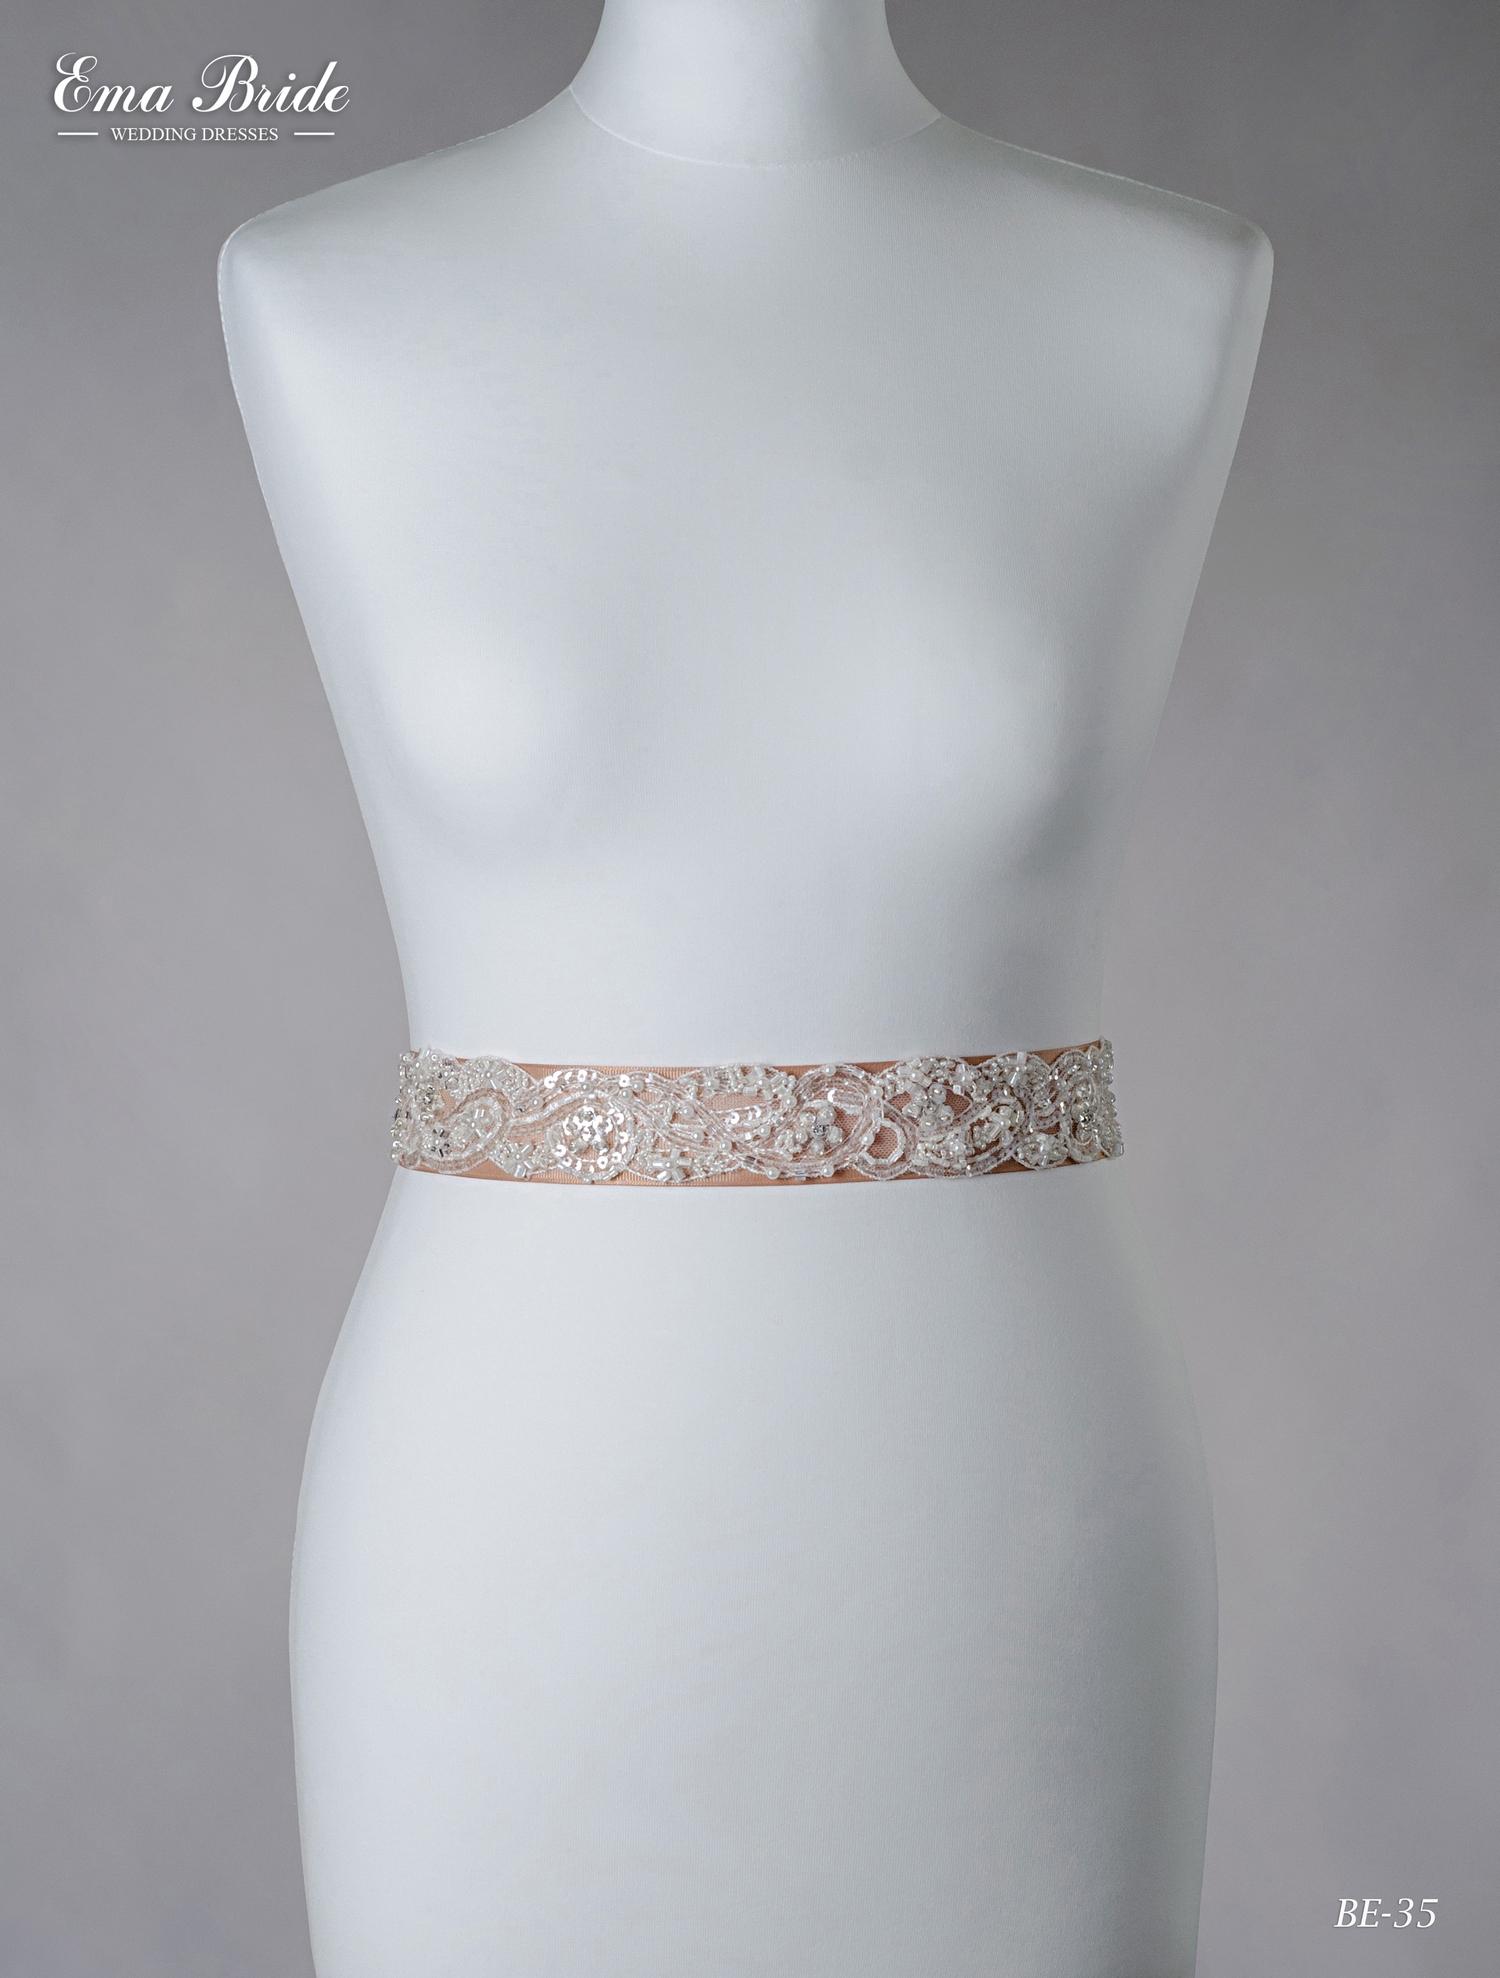 A belt for a wedding dress Be-35